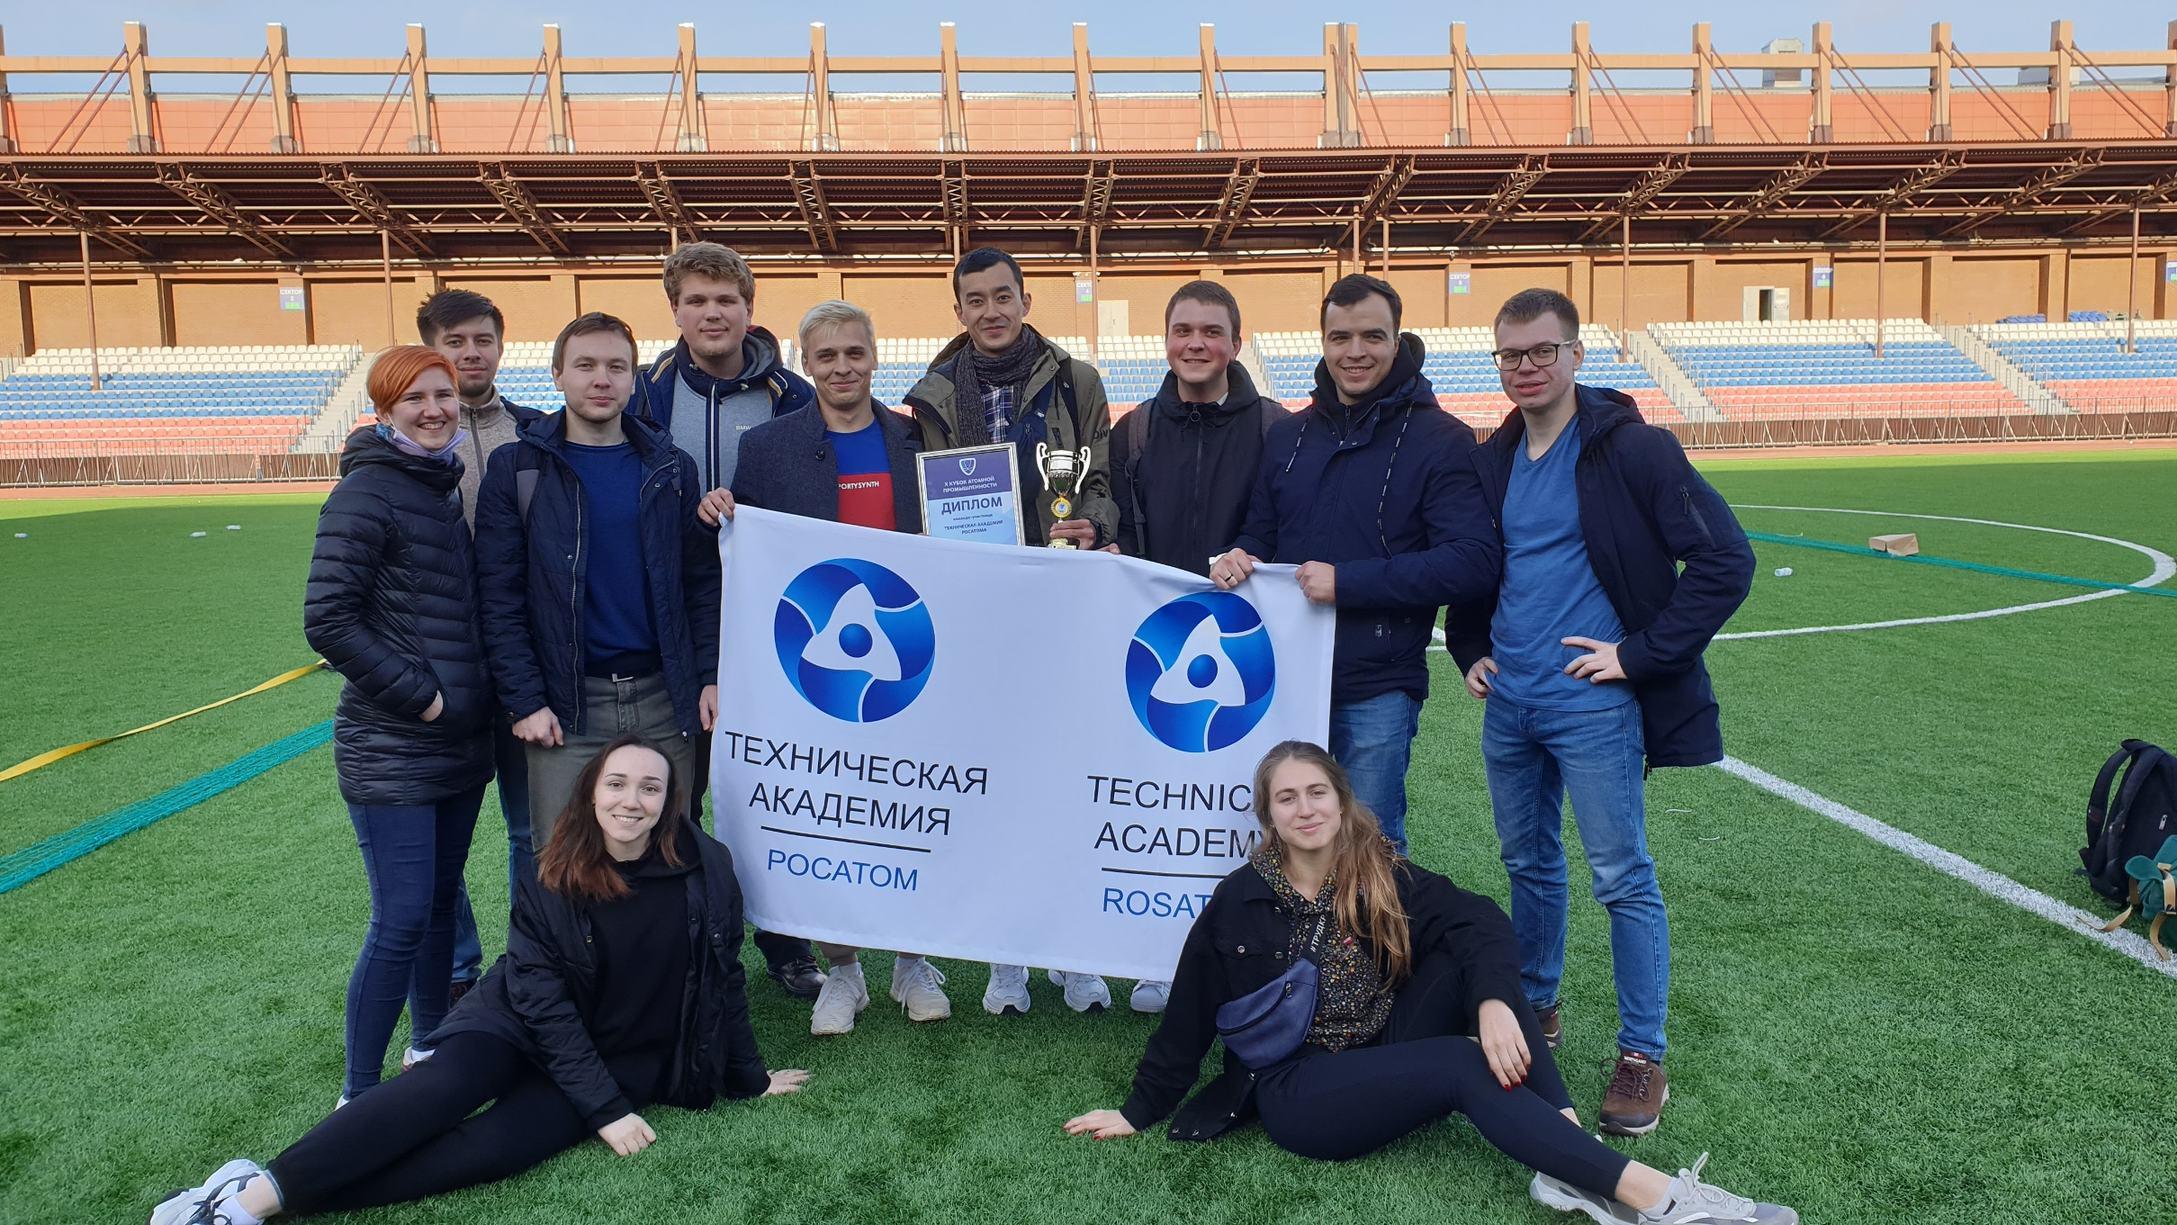 Команда Технической академии приняла участие во Всероссийском Кубке атомной промышленности